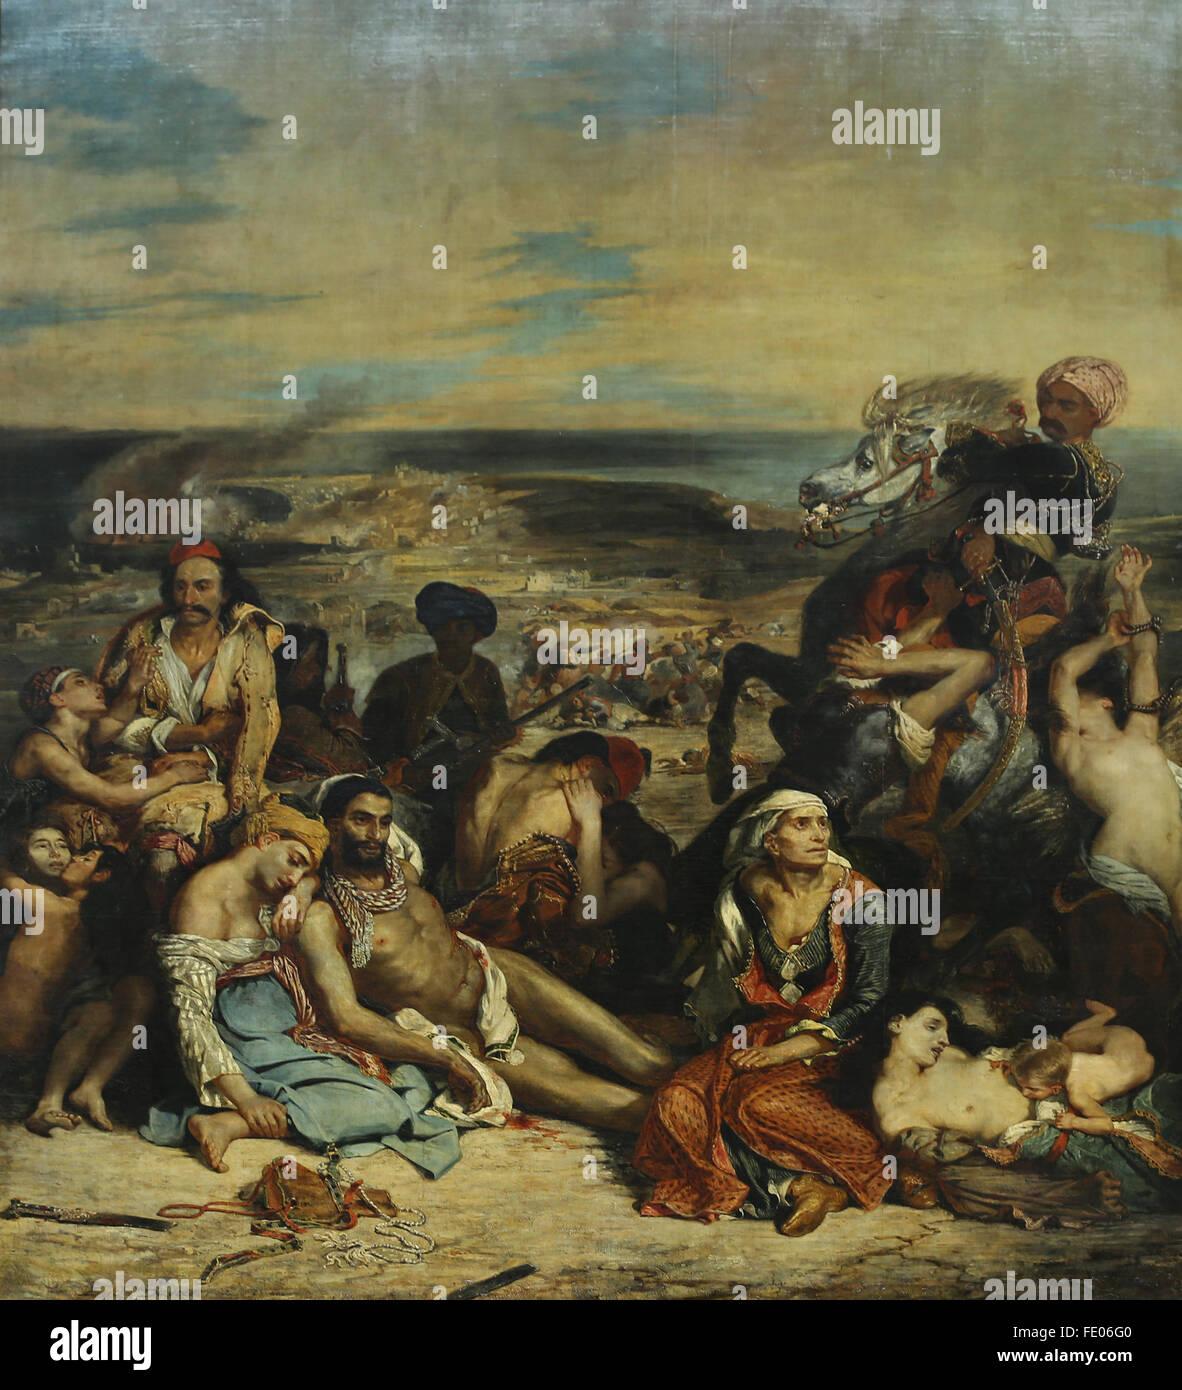 Das Massaker von Chios (11. April 1822), 1824 von dem französischen Maler Eugène Delacroix (1798-1863). Stockbild